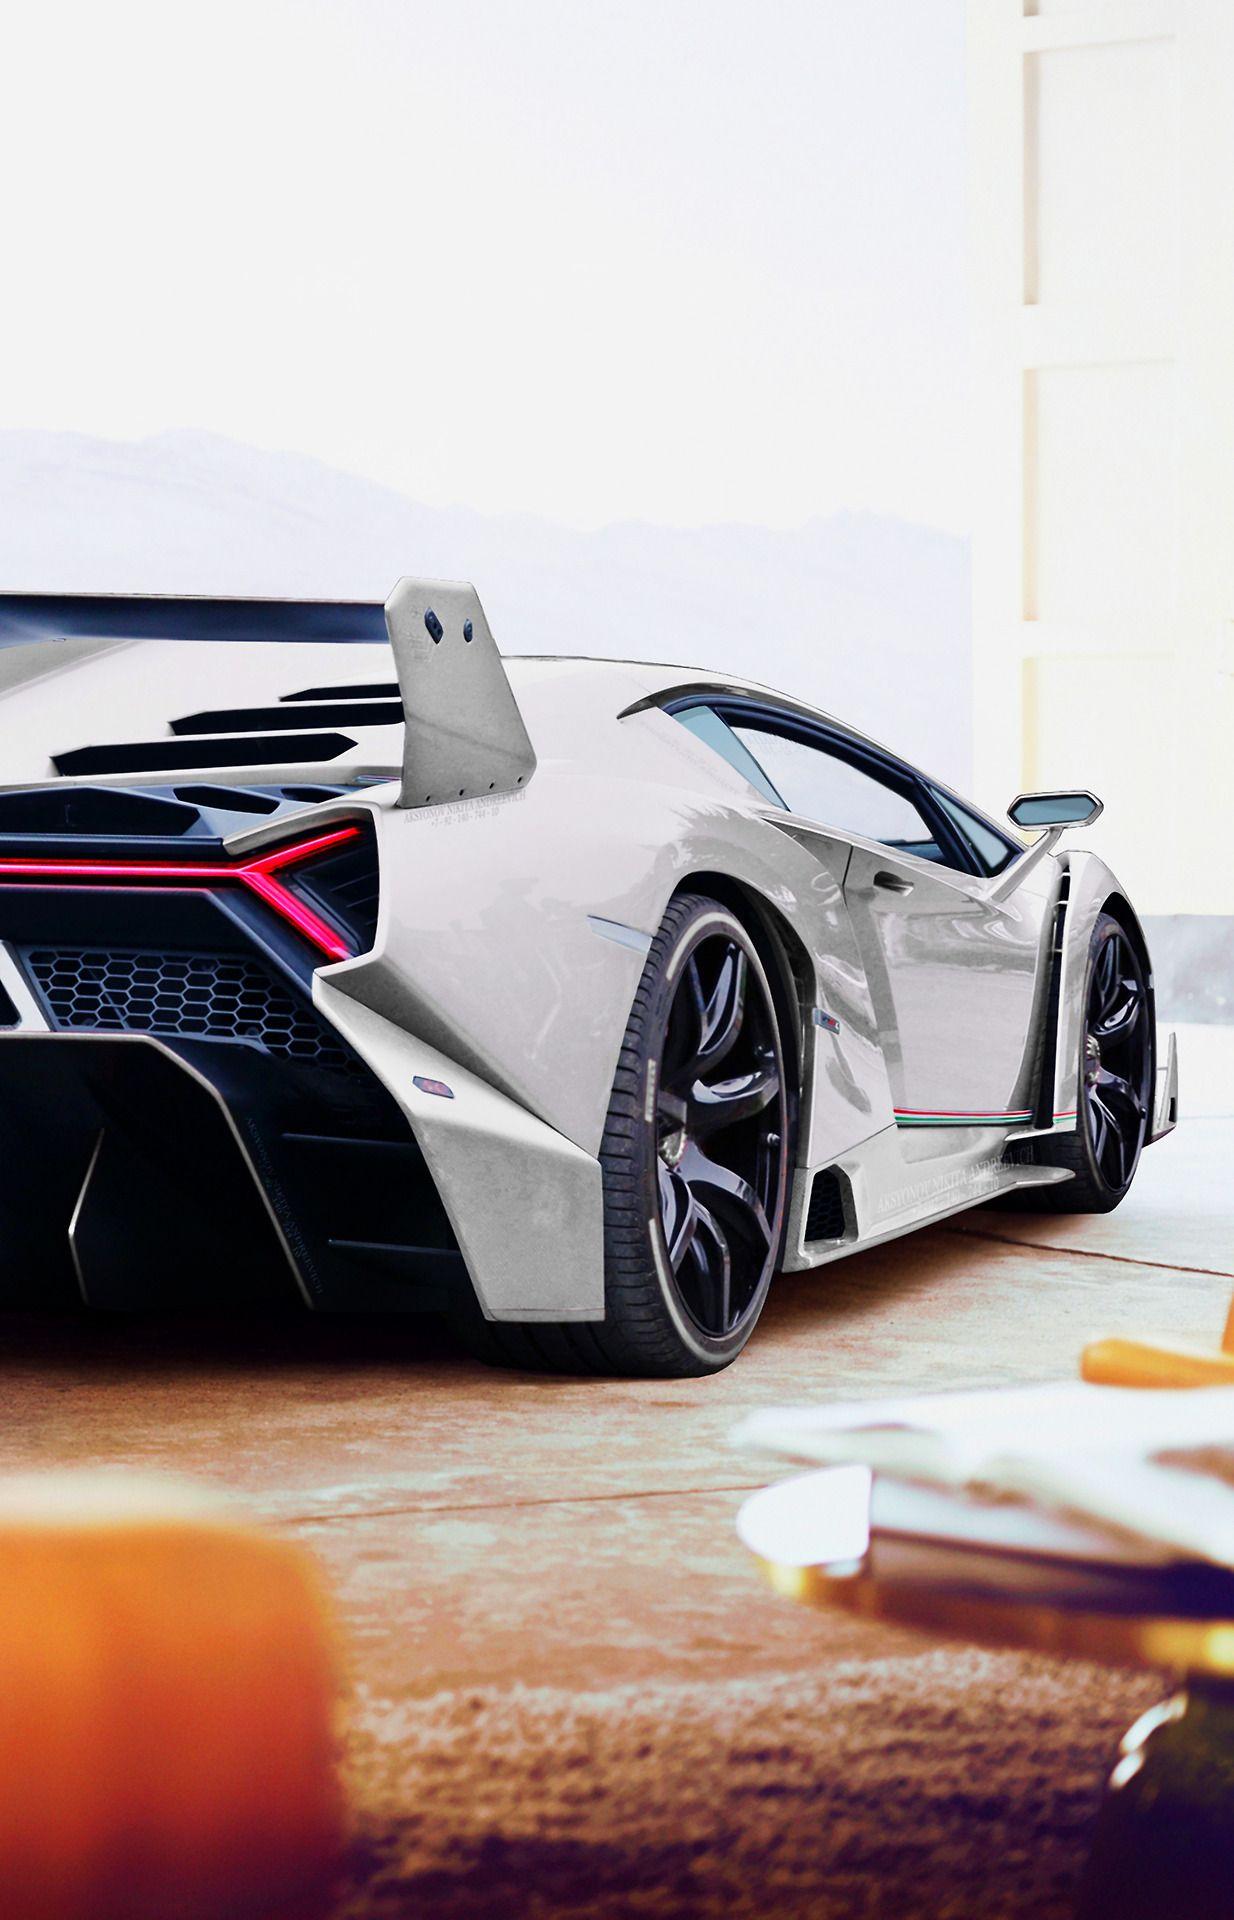 Pin By Farhad Ahmad On Cars Lamborghini Veneno Cars Lamborghini